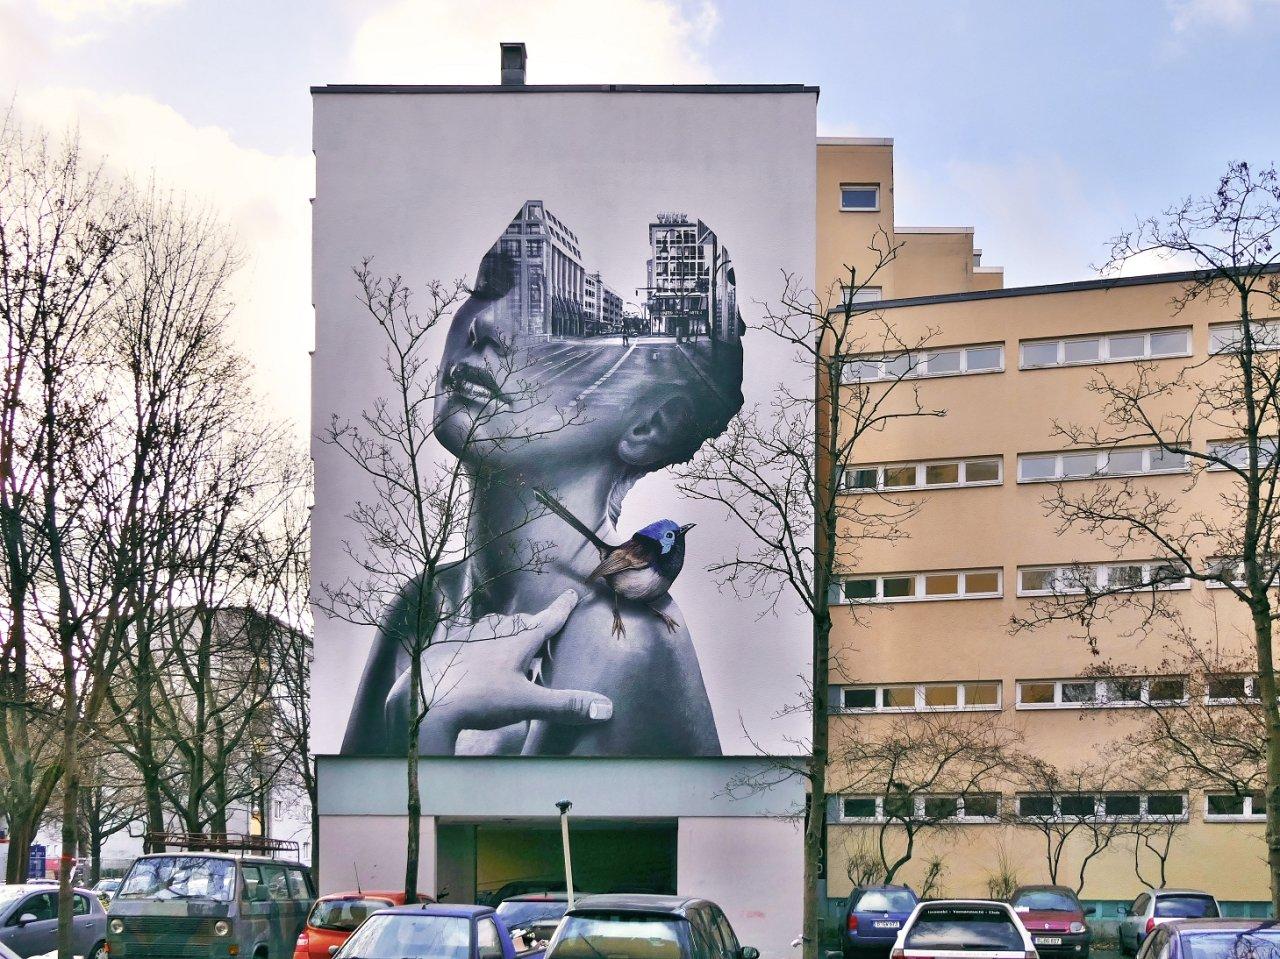 In Gedanken in den Straßen der ausgestorbenen Stadt: Das Kreuzberger Bild des Berliner Künstlers Tank gab Unternehmen Deutsche Wohnen für das Gebäude Manteuffelstraße 12 in Auftrag.